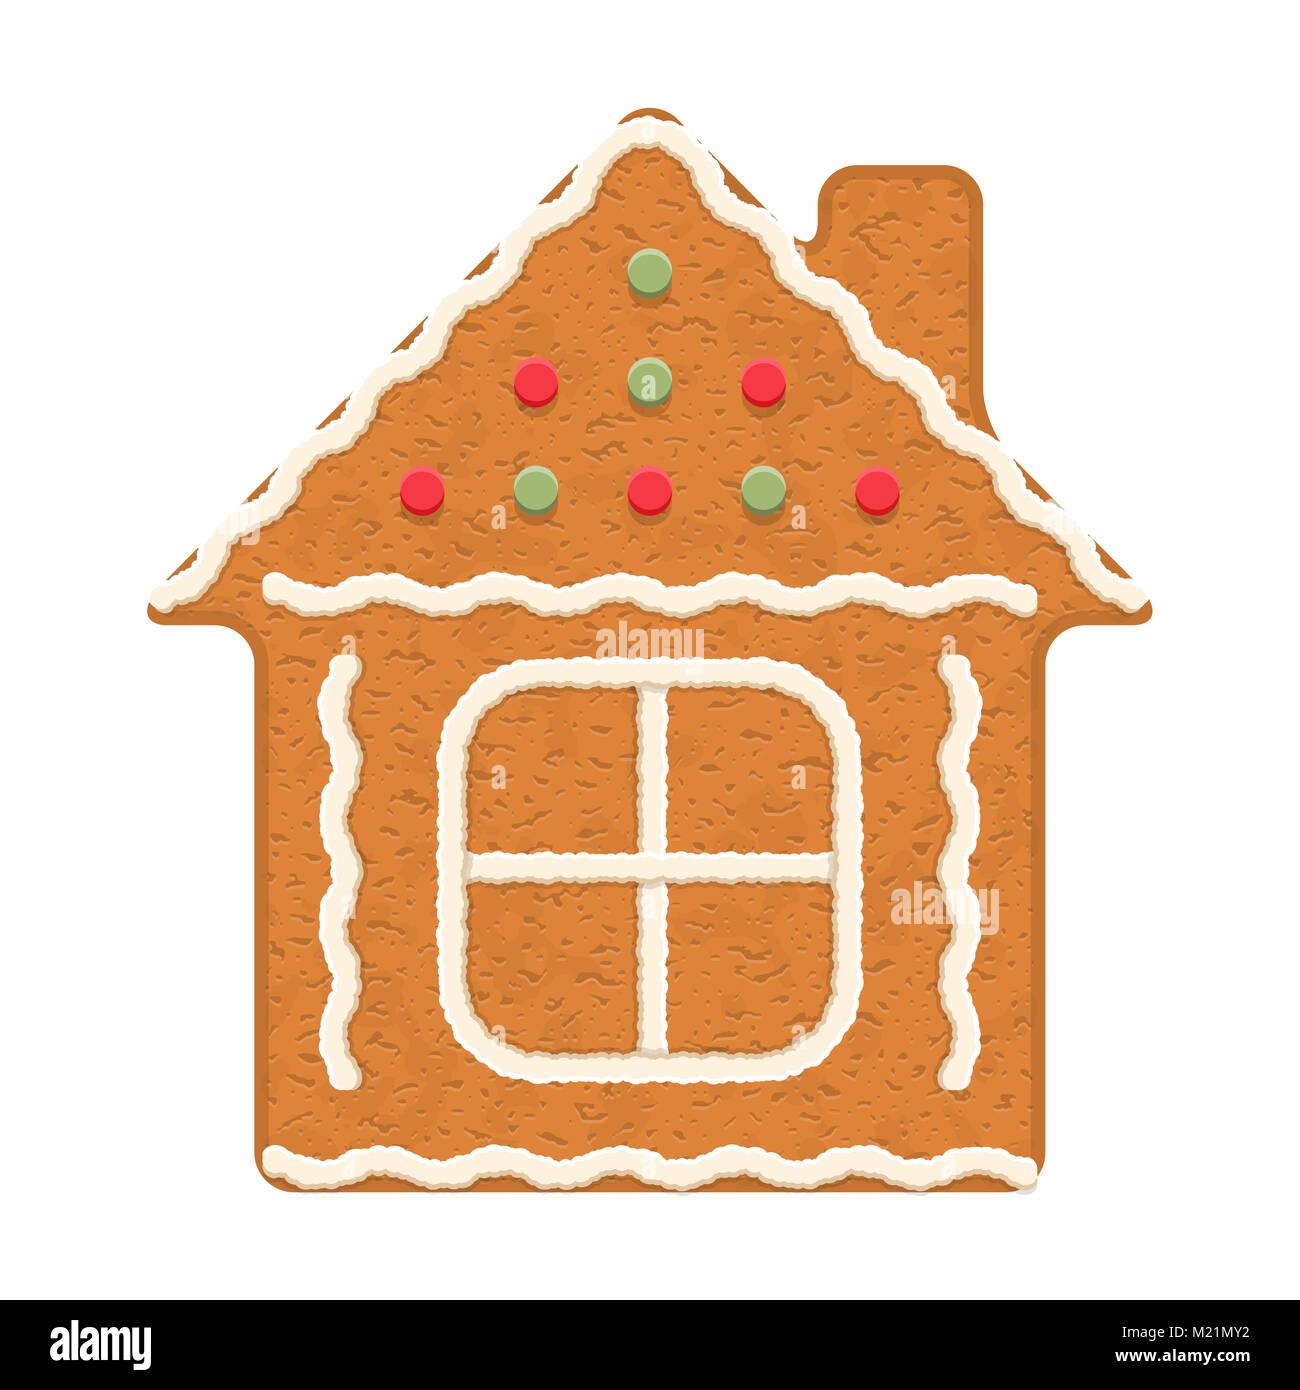 Gingerbread house, tradizionale Natale cookie, vettoriale EPS10 illustrazione Immagini Stock